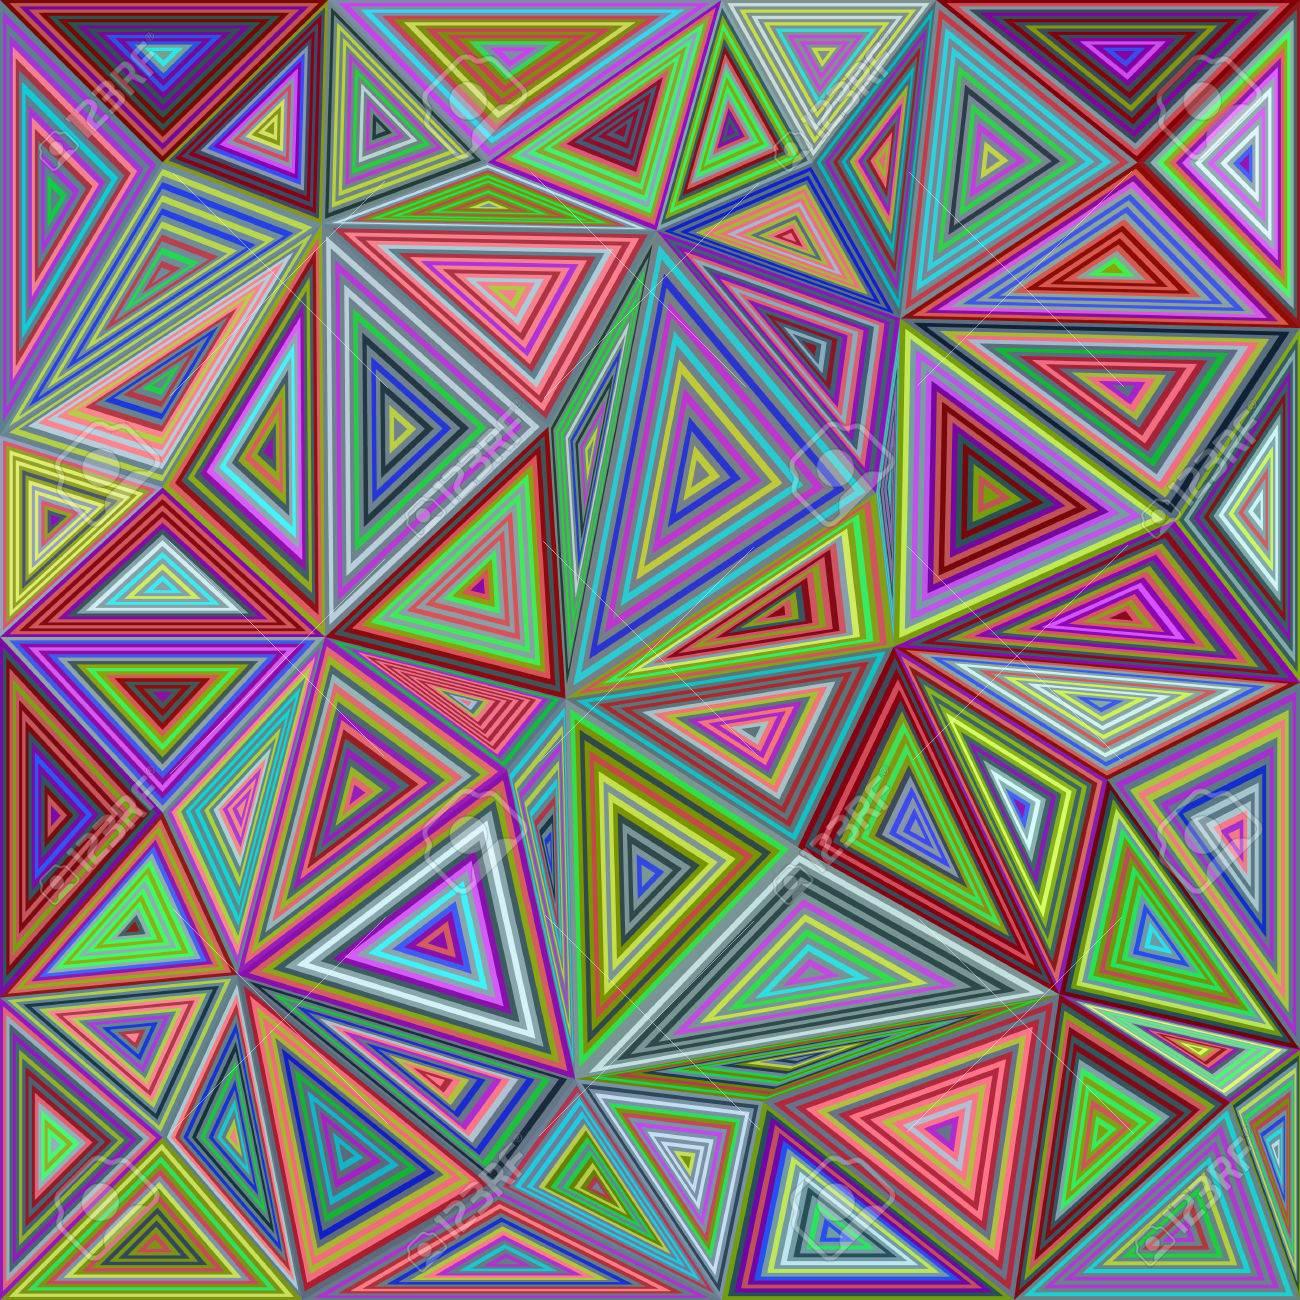 foto de archivo tringulo de colores de fondo de azulejos de mosaico de diseo vectorial